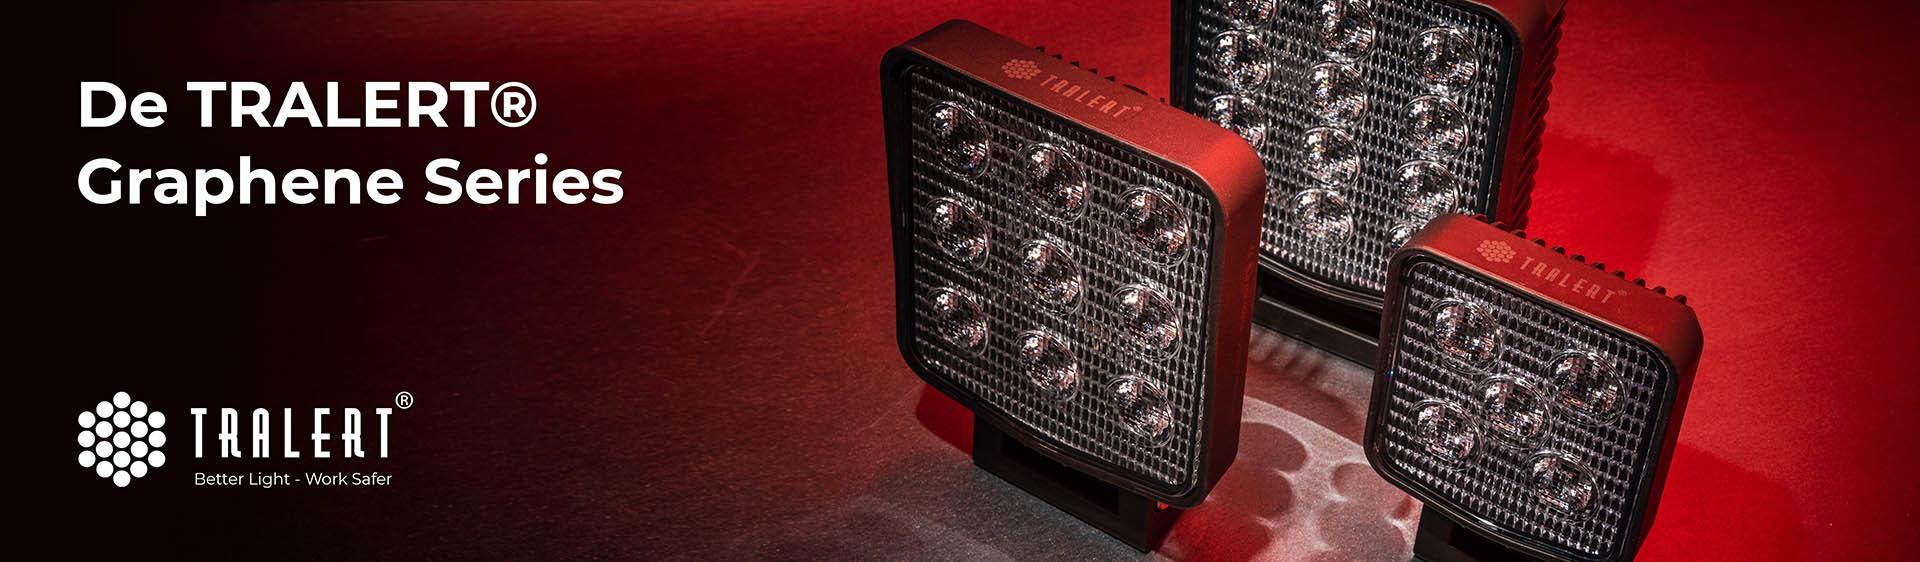 Tralert LED werklamp Graphene Series